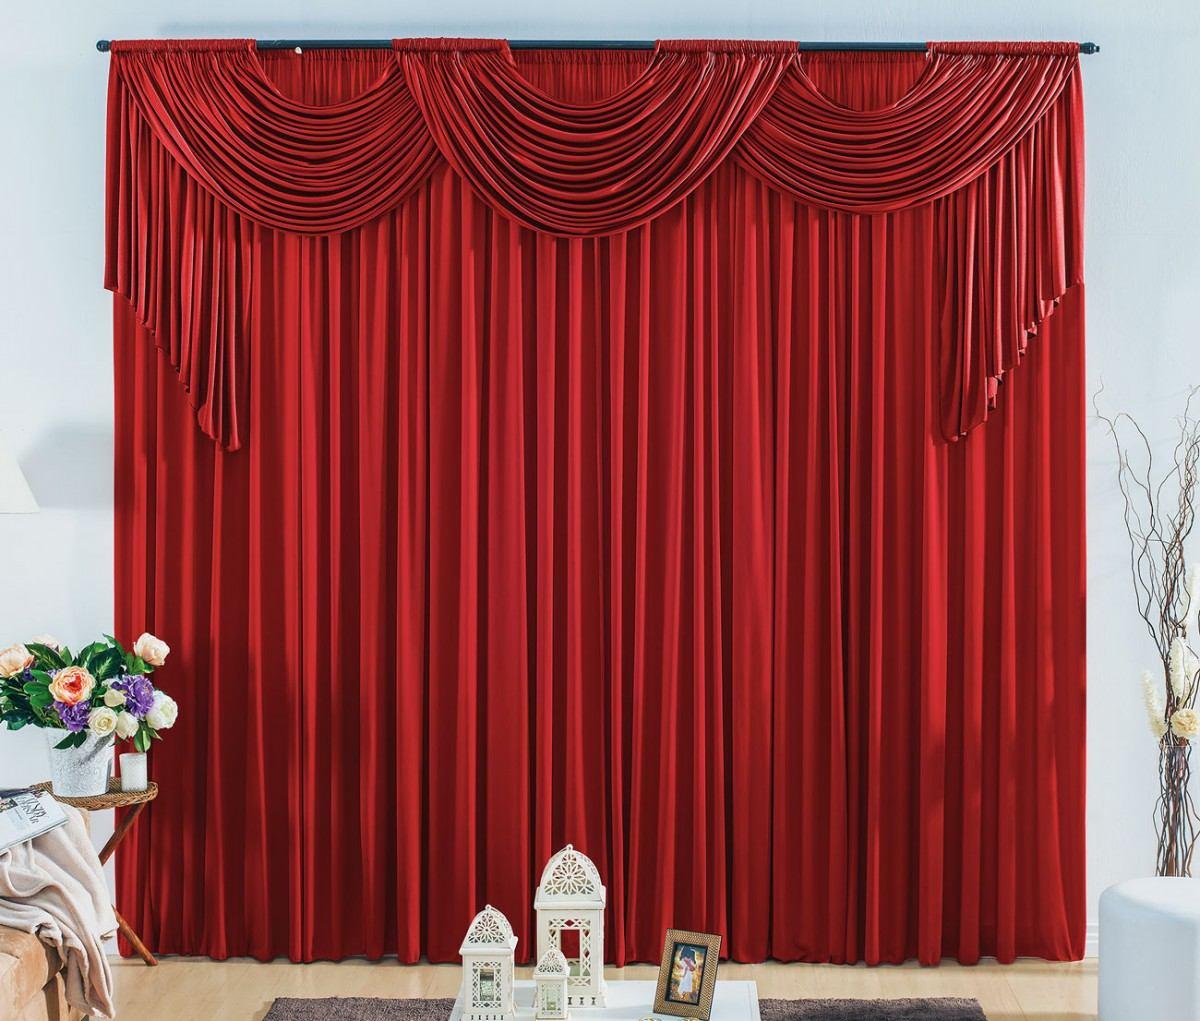 Cortina London 3,00 x 2,30 metros - Para varão duplo - cor vermelha